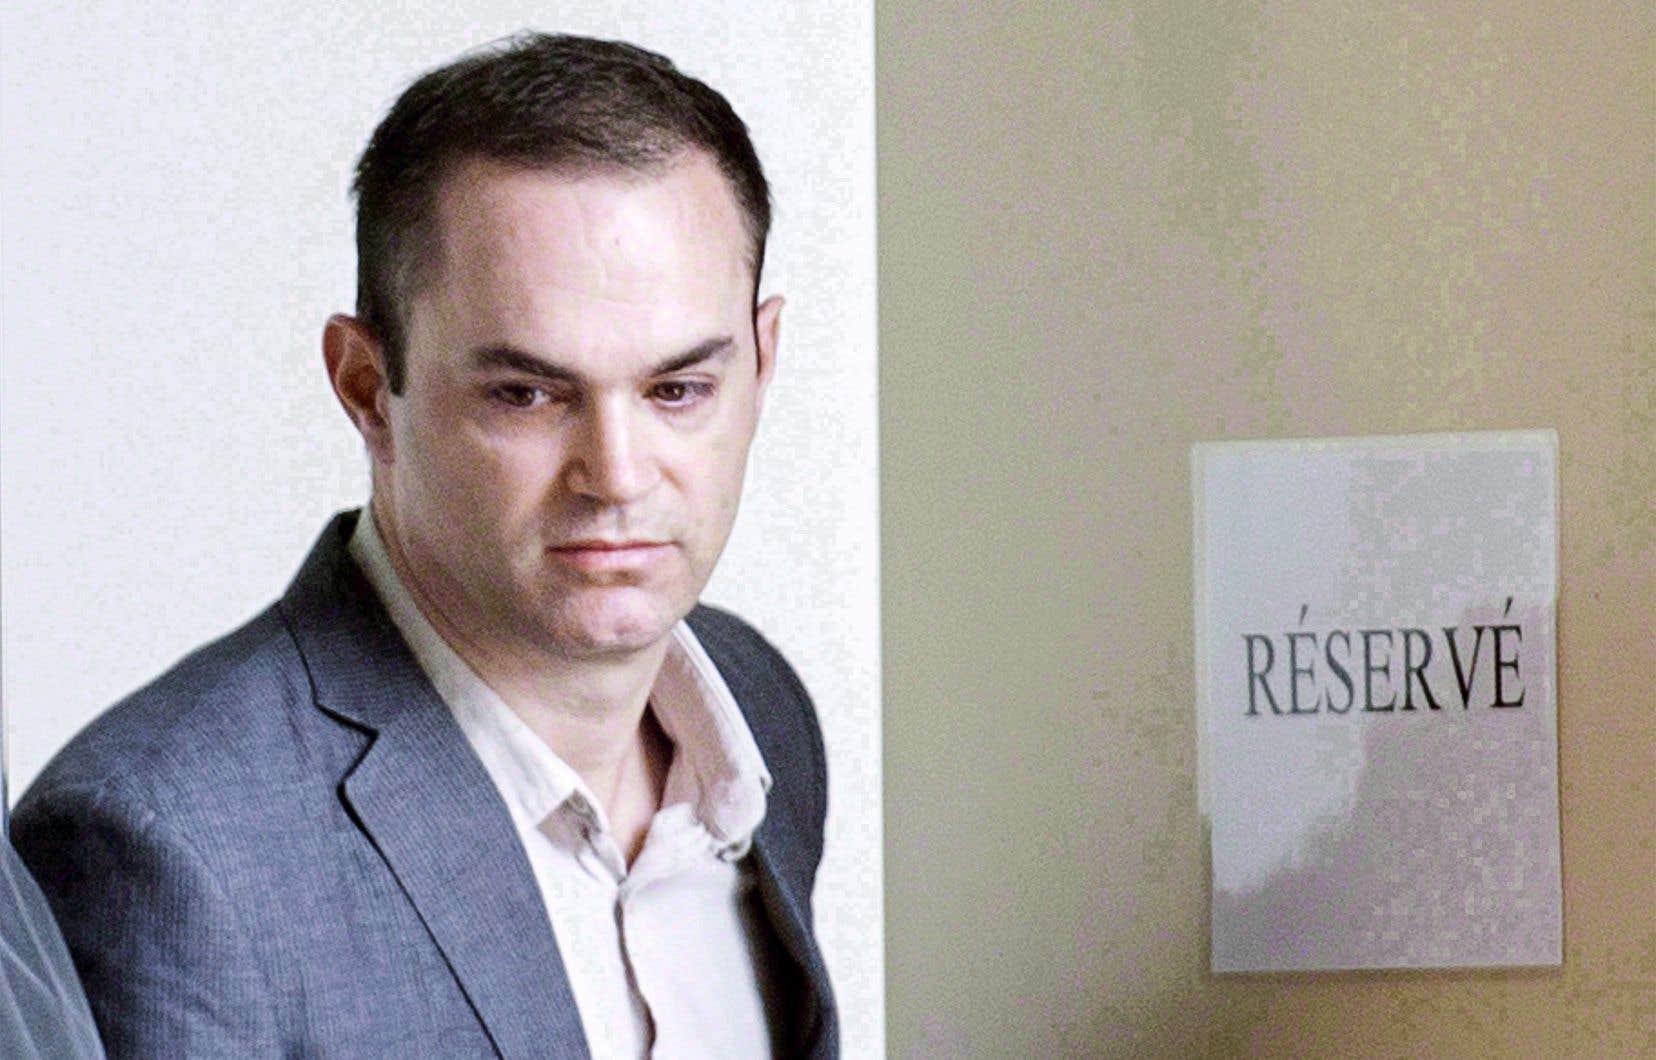 Guy Turcotte a avoué avoir assassiné son fils de cinq ans et sa fille de trois ans, Olivier et Anne-Sophie, en février 2009, dans sa résidence des Laurentides.